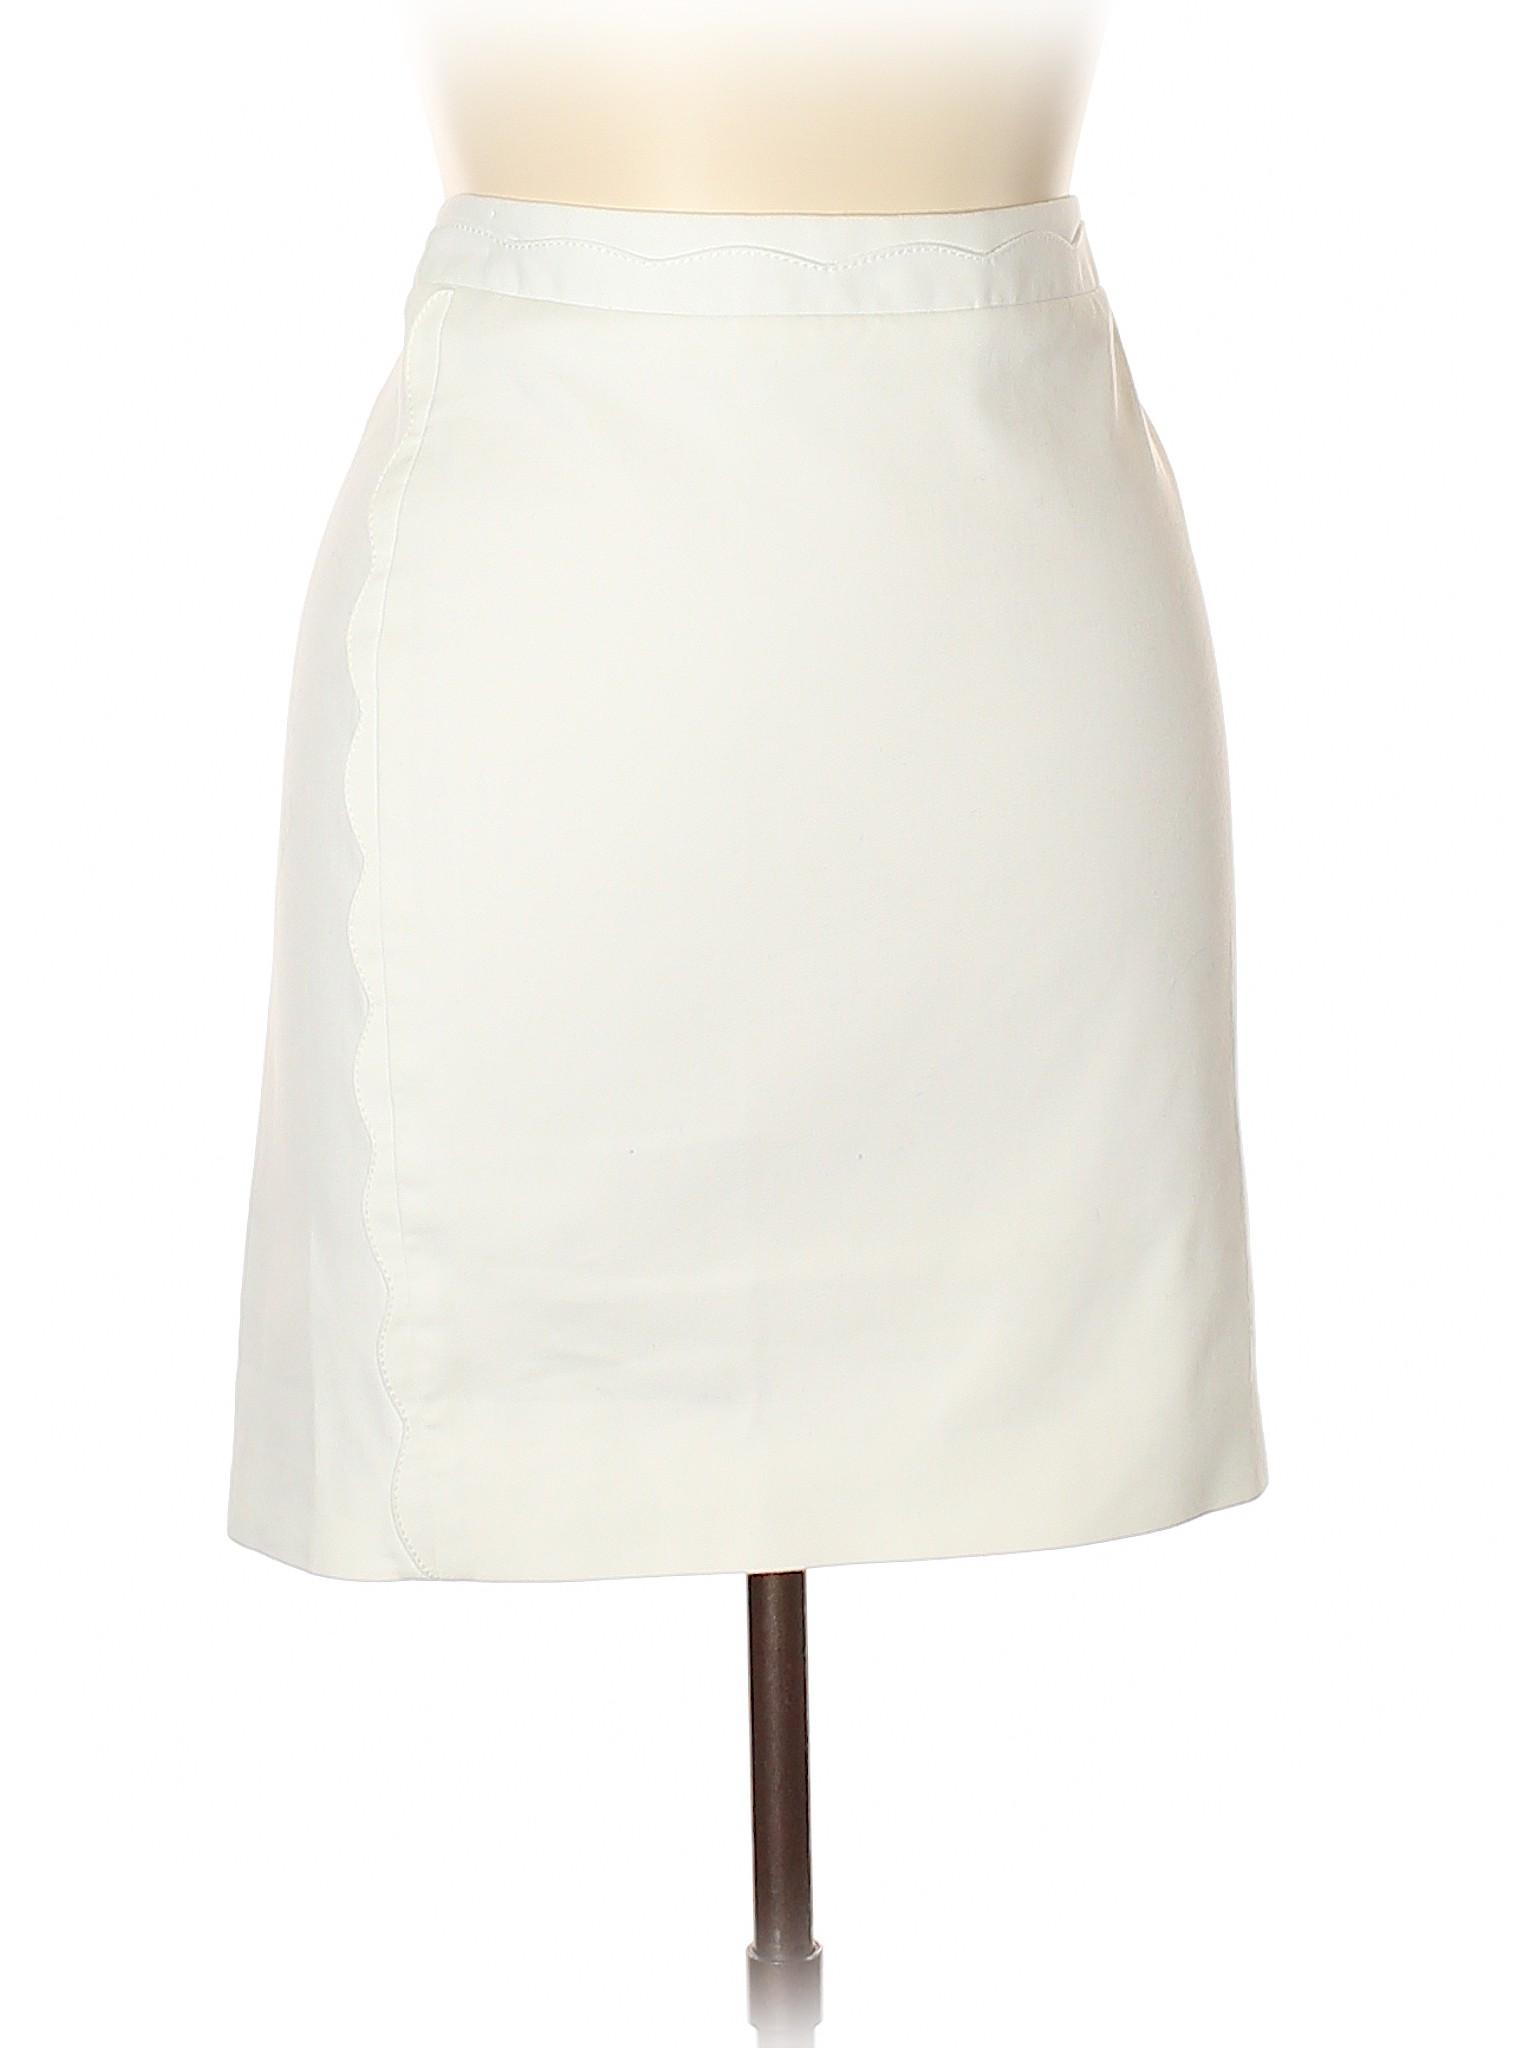 Casual Boutique Casual Boutique Skirt Casual Boutique Skirt XwgqtEqx